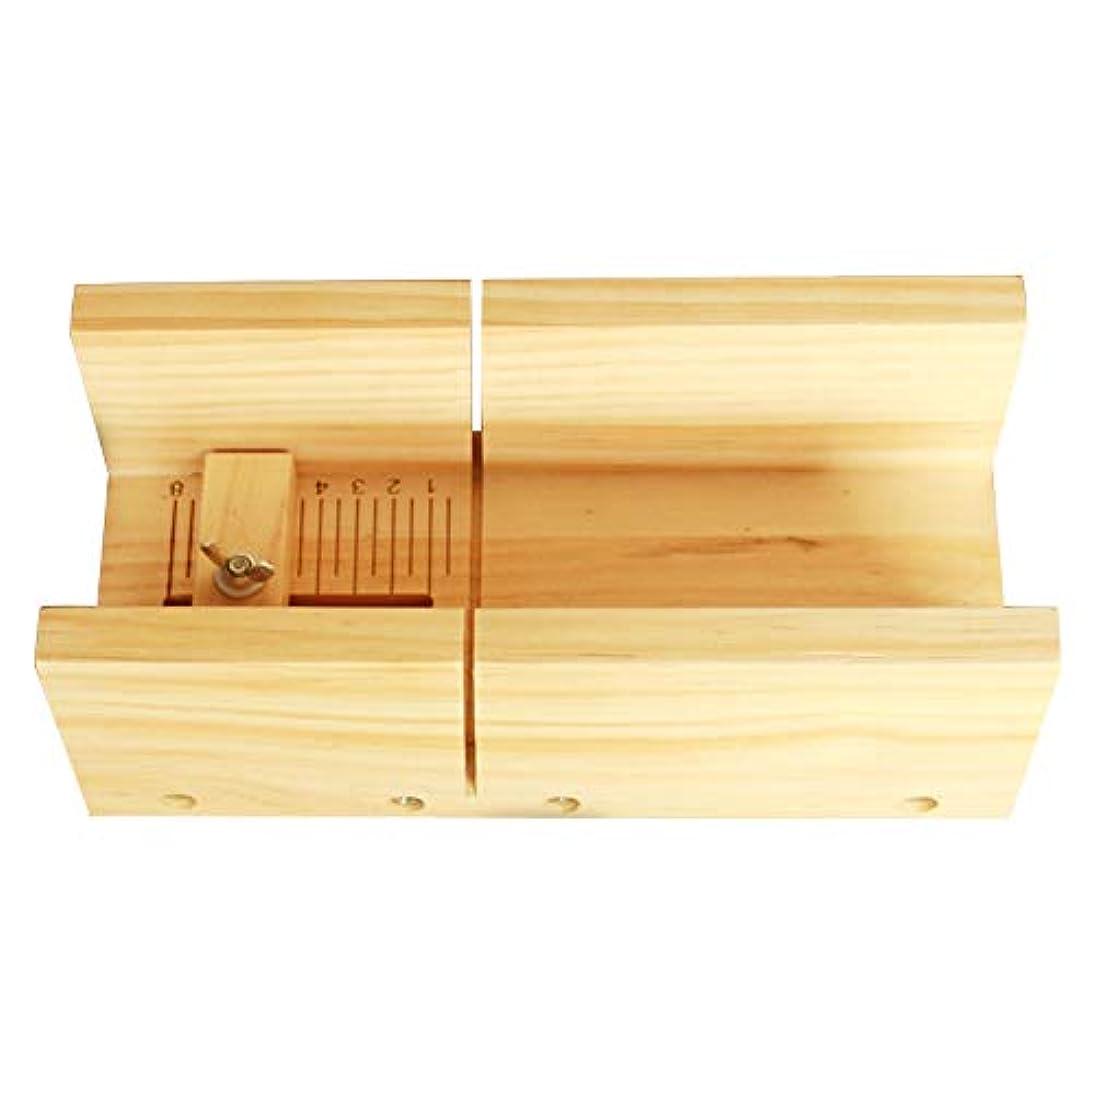 相対性理論望まない正当化するソープカッター、多機能ソープカッターキャンドルケーキチョコレートカッティングツール木製ボックス器具キャンドルスケール用DIYクラフトを作る